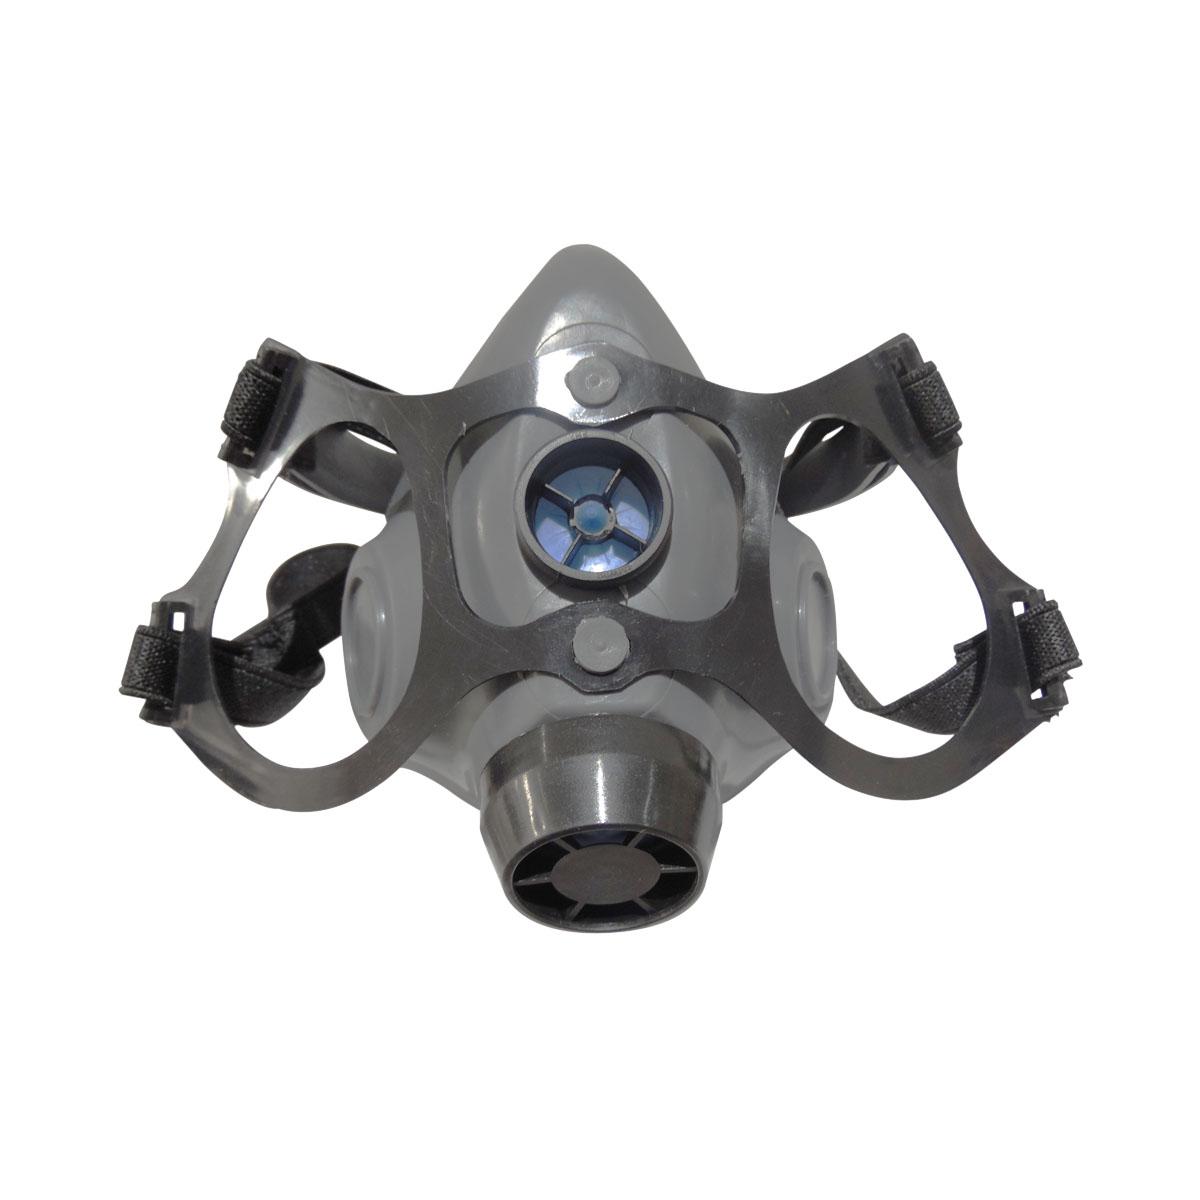 Respirador Protector Sencillo S/Cartucho 4M430-W Infra